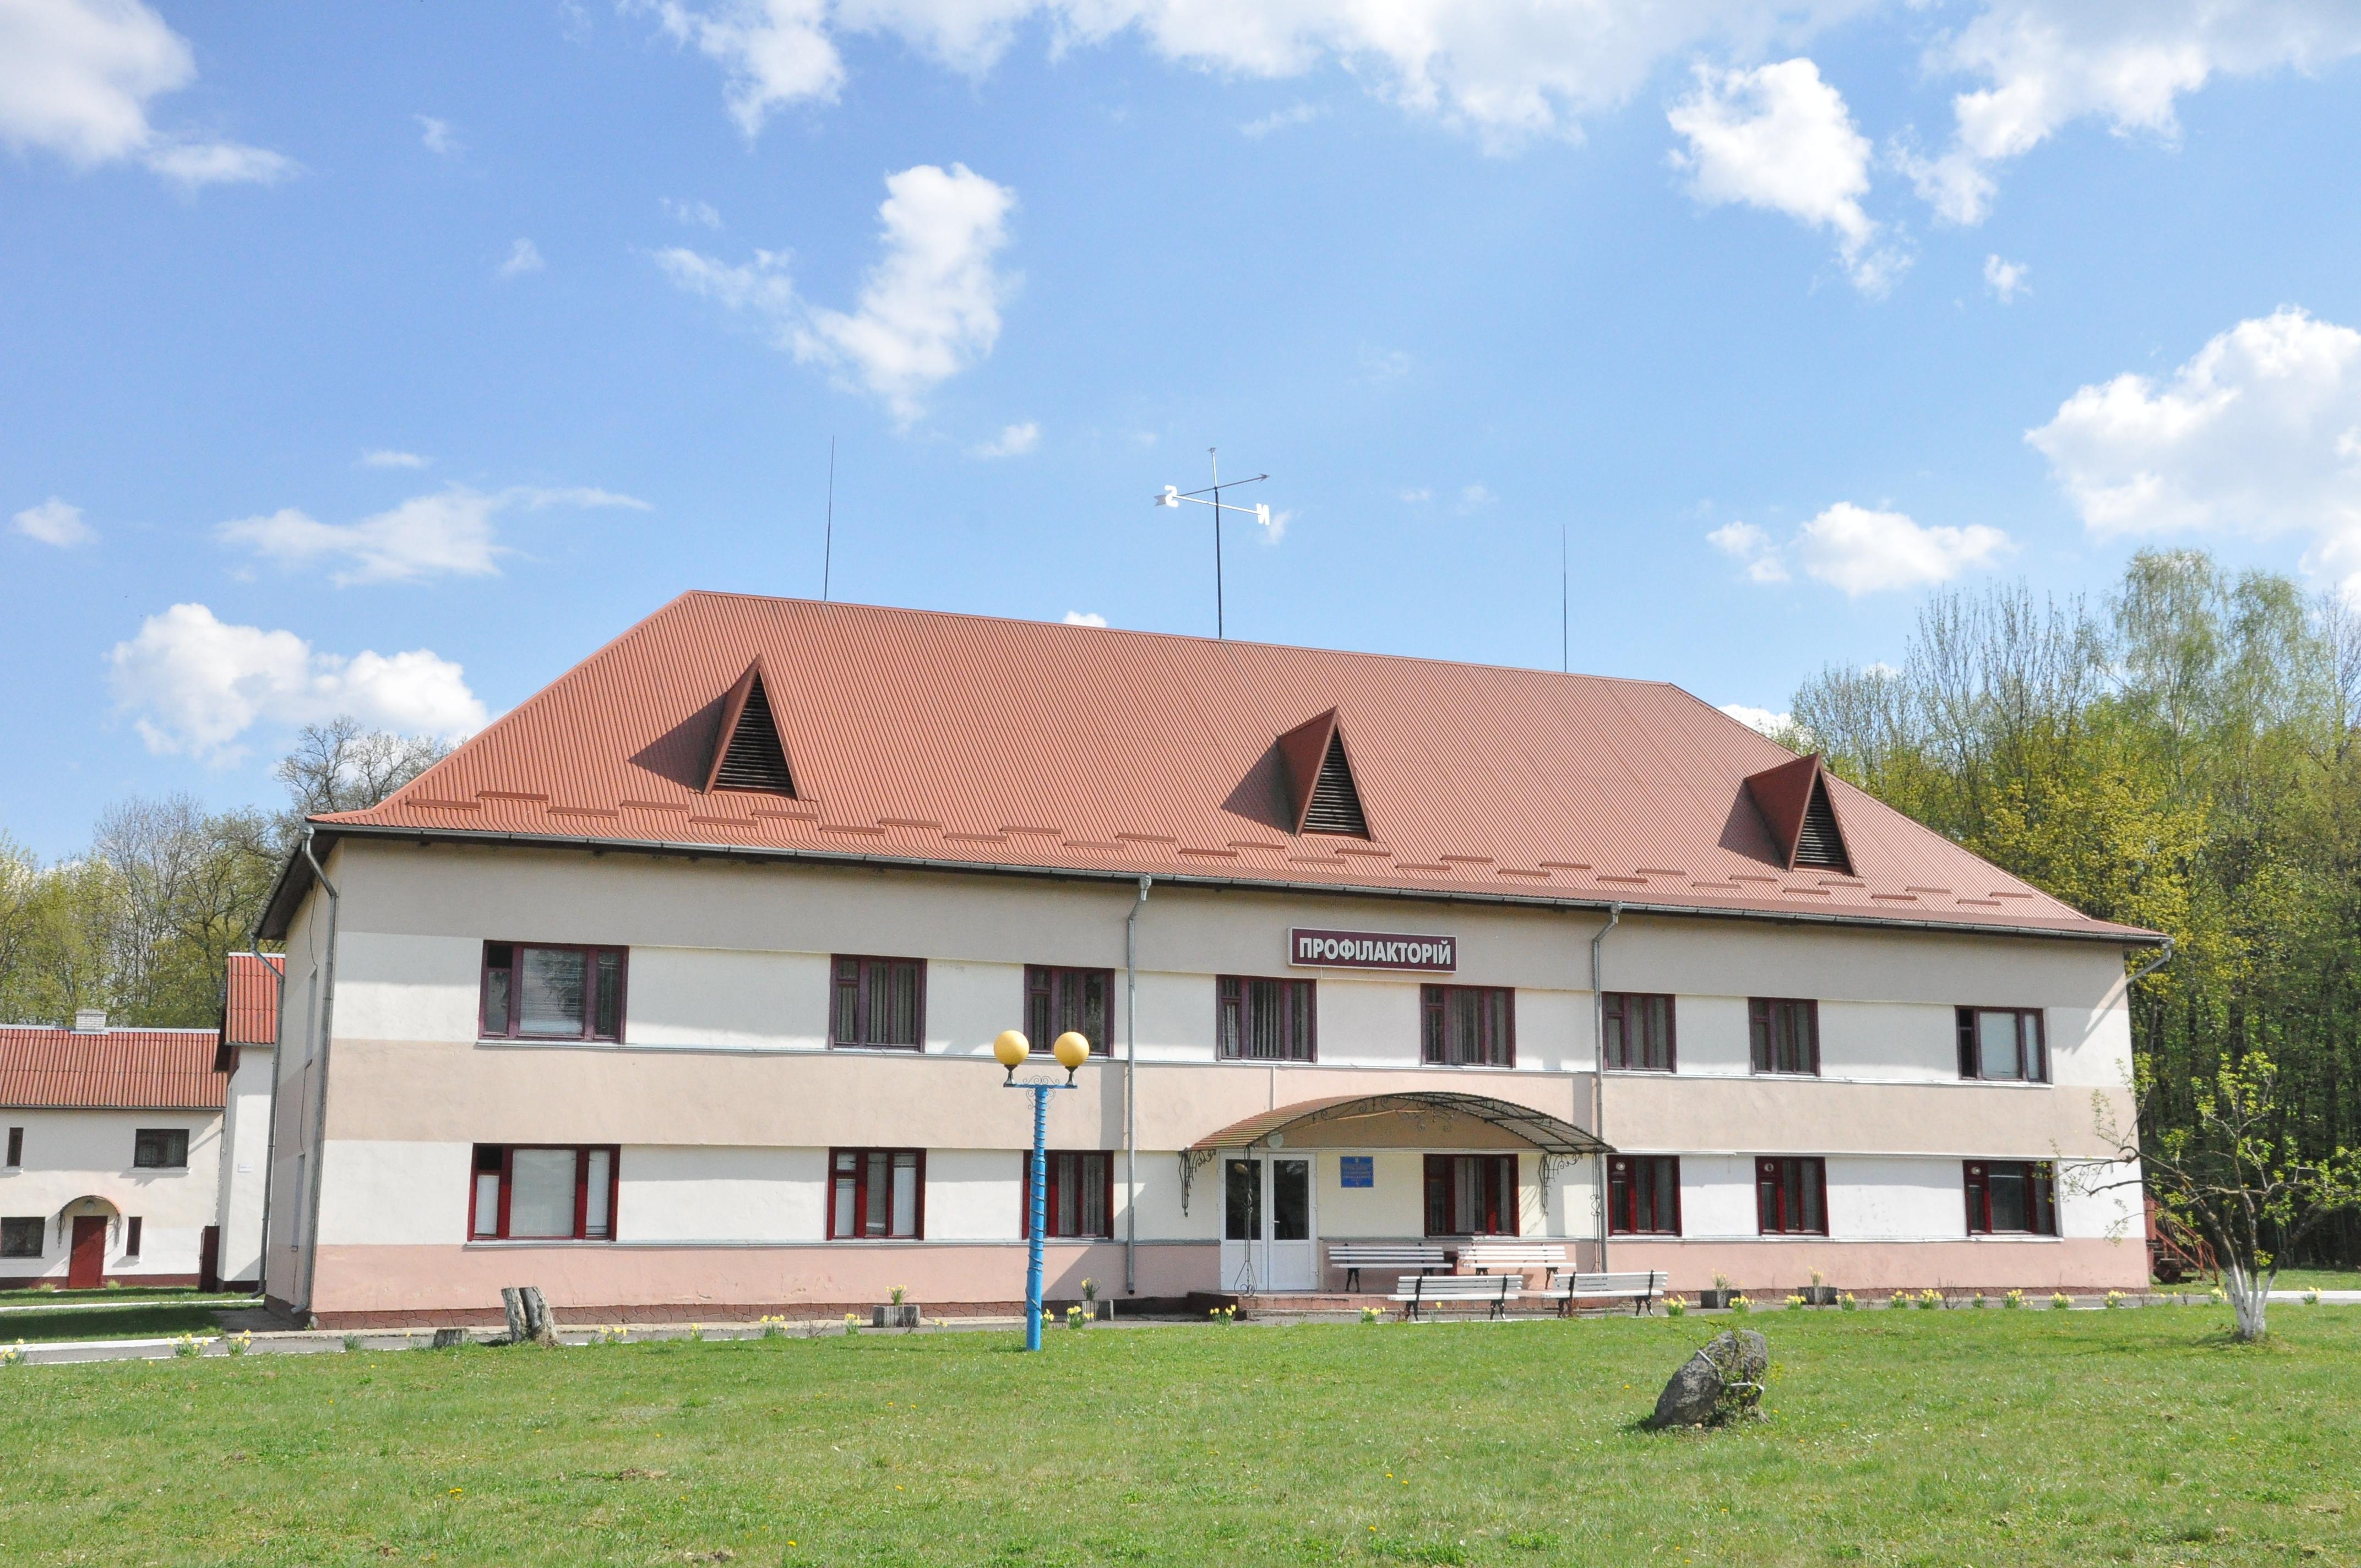 Chervona-Kalyna-15044441